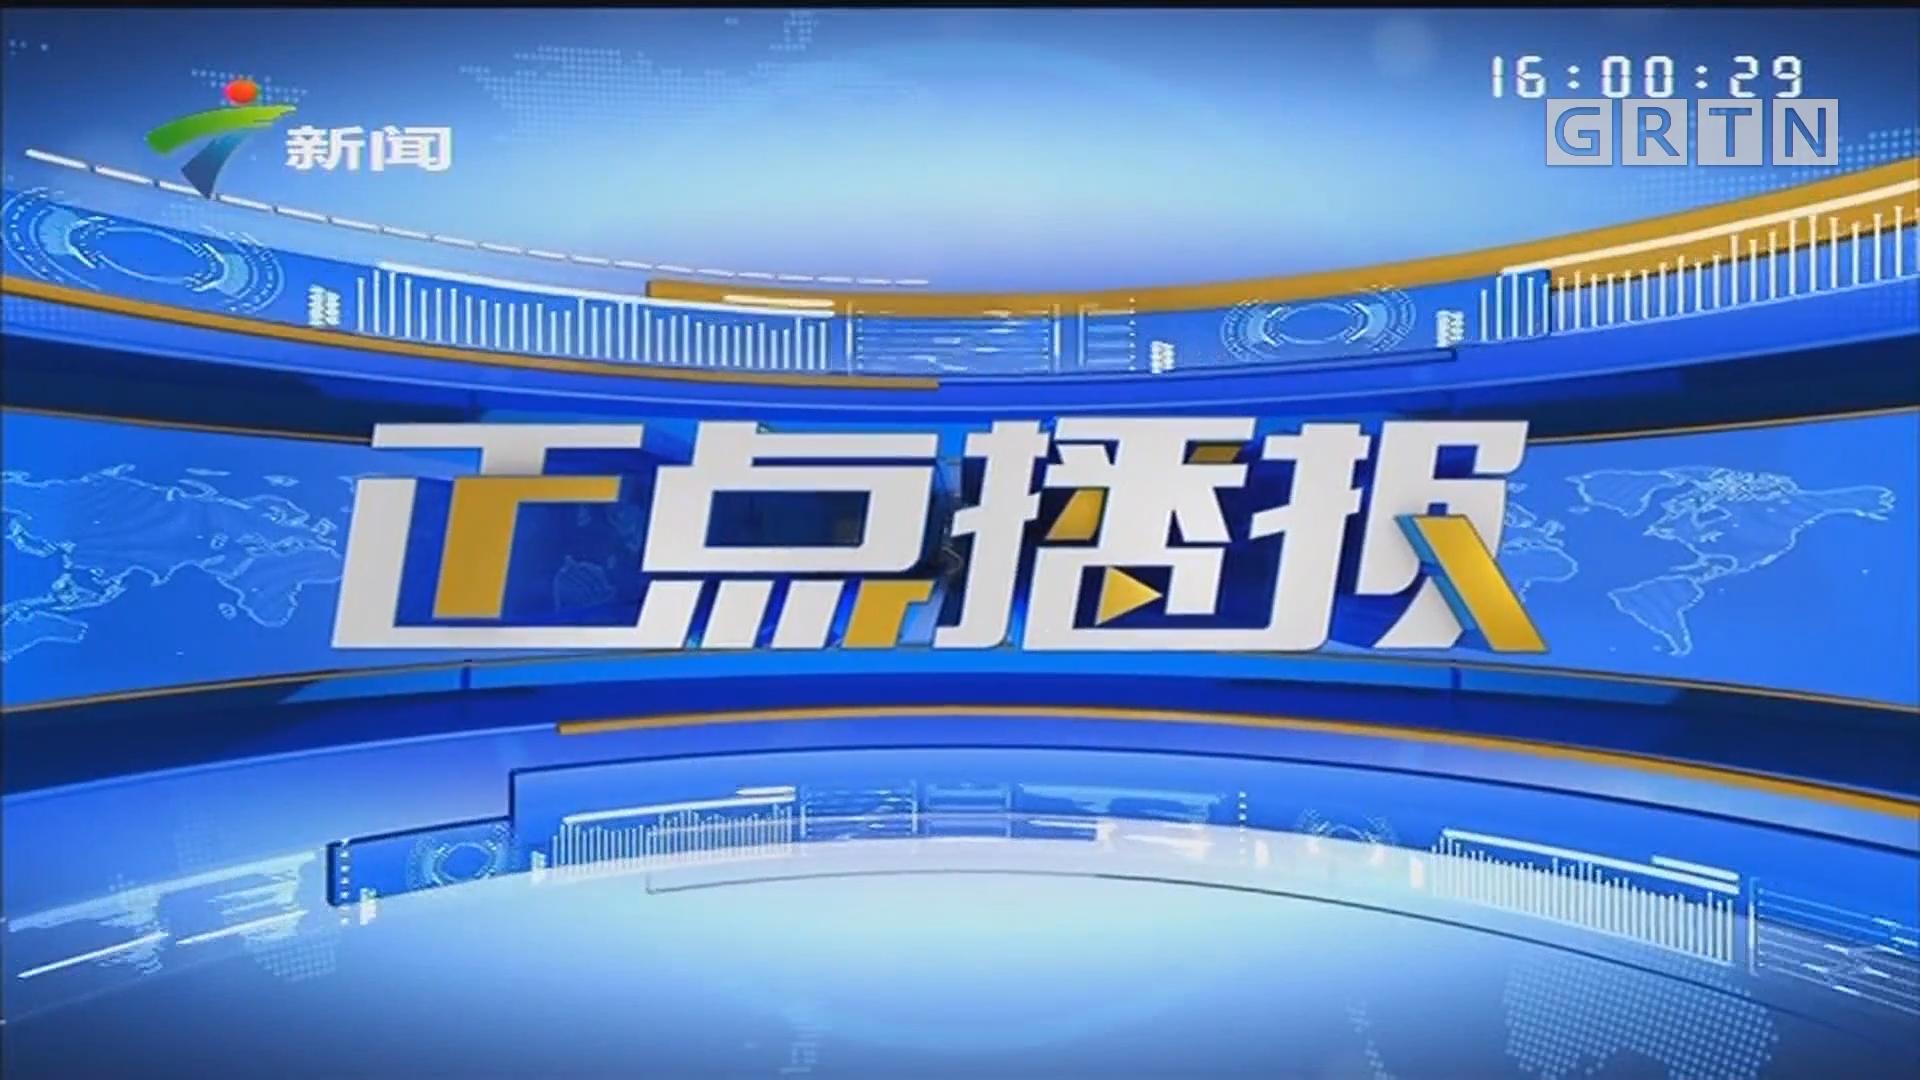 [HD][2019-09-21]正点播报:深圳:新版灯光秀 20分钟过足瘾